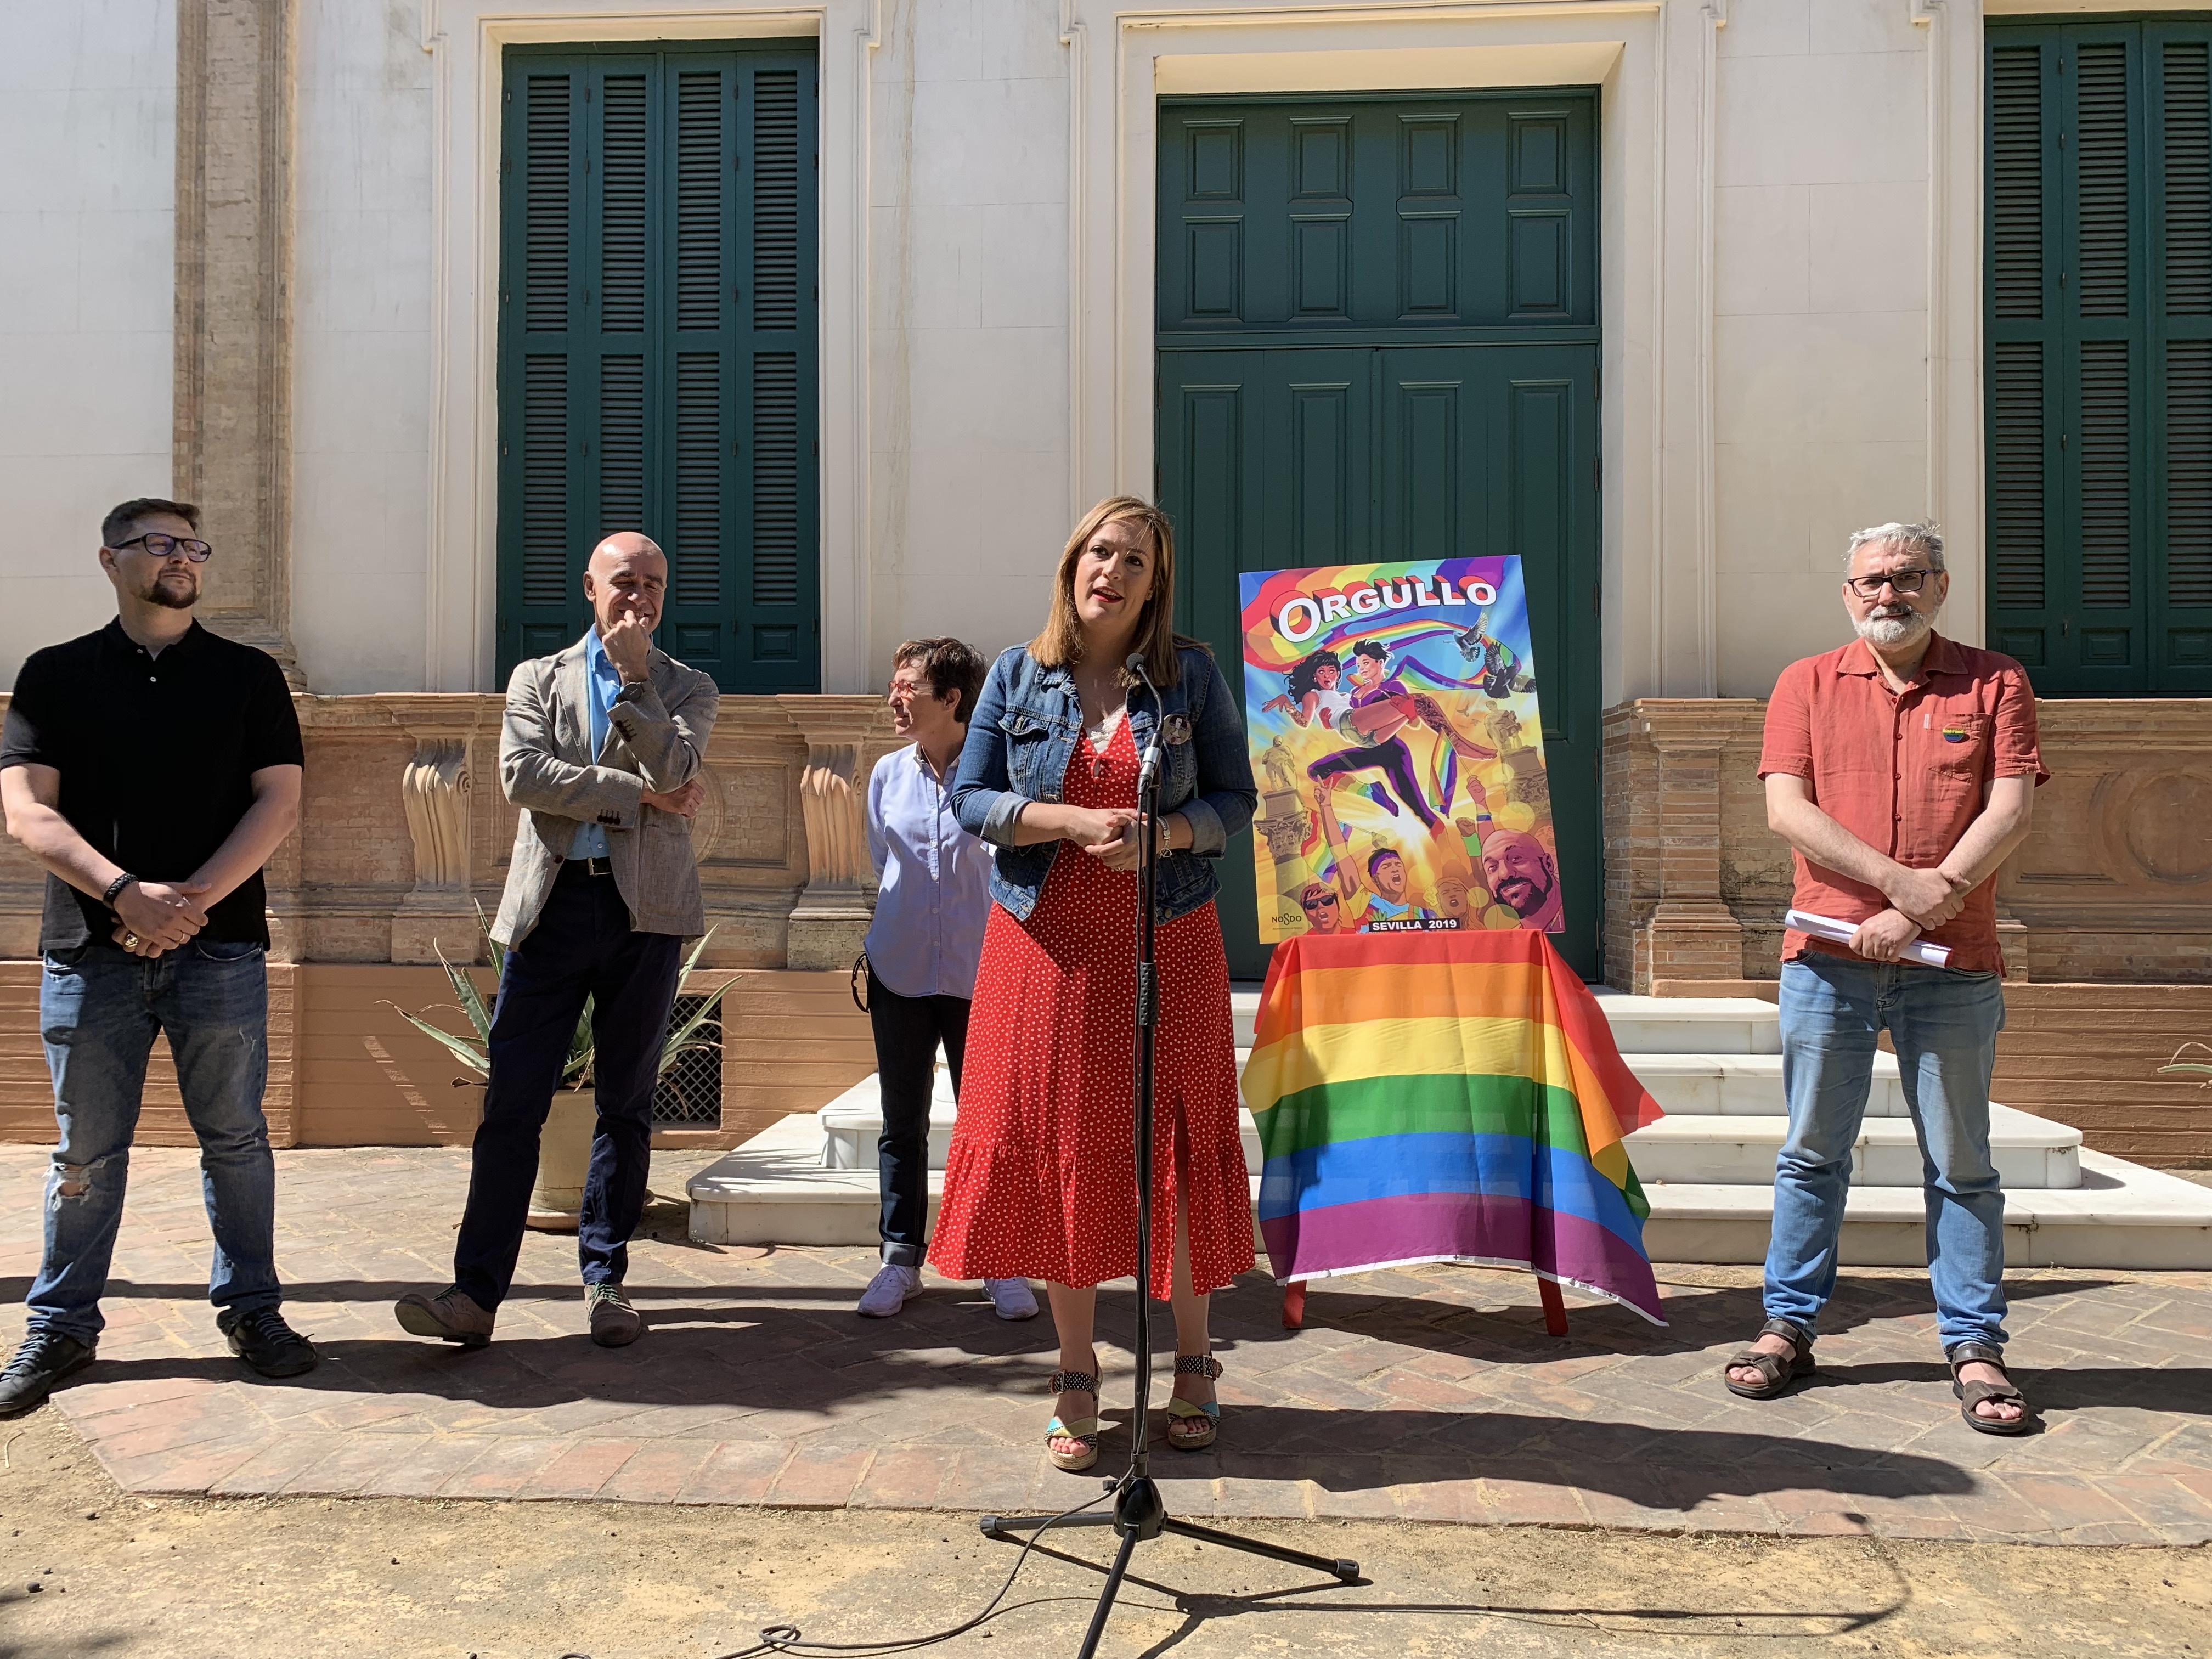 Orgullo de Andalucia 2019